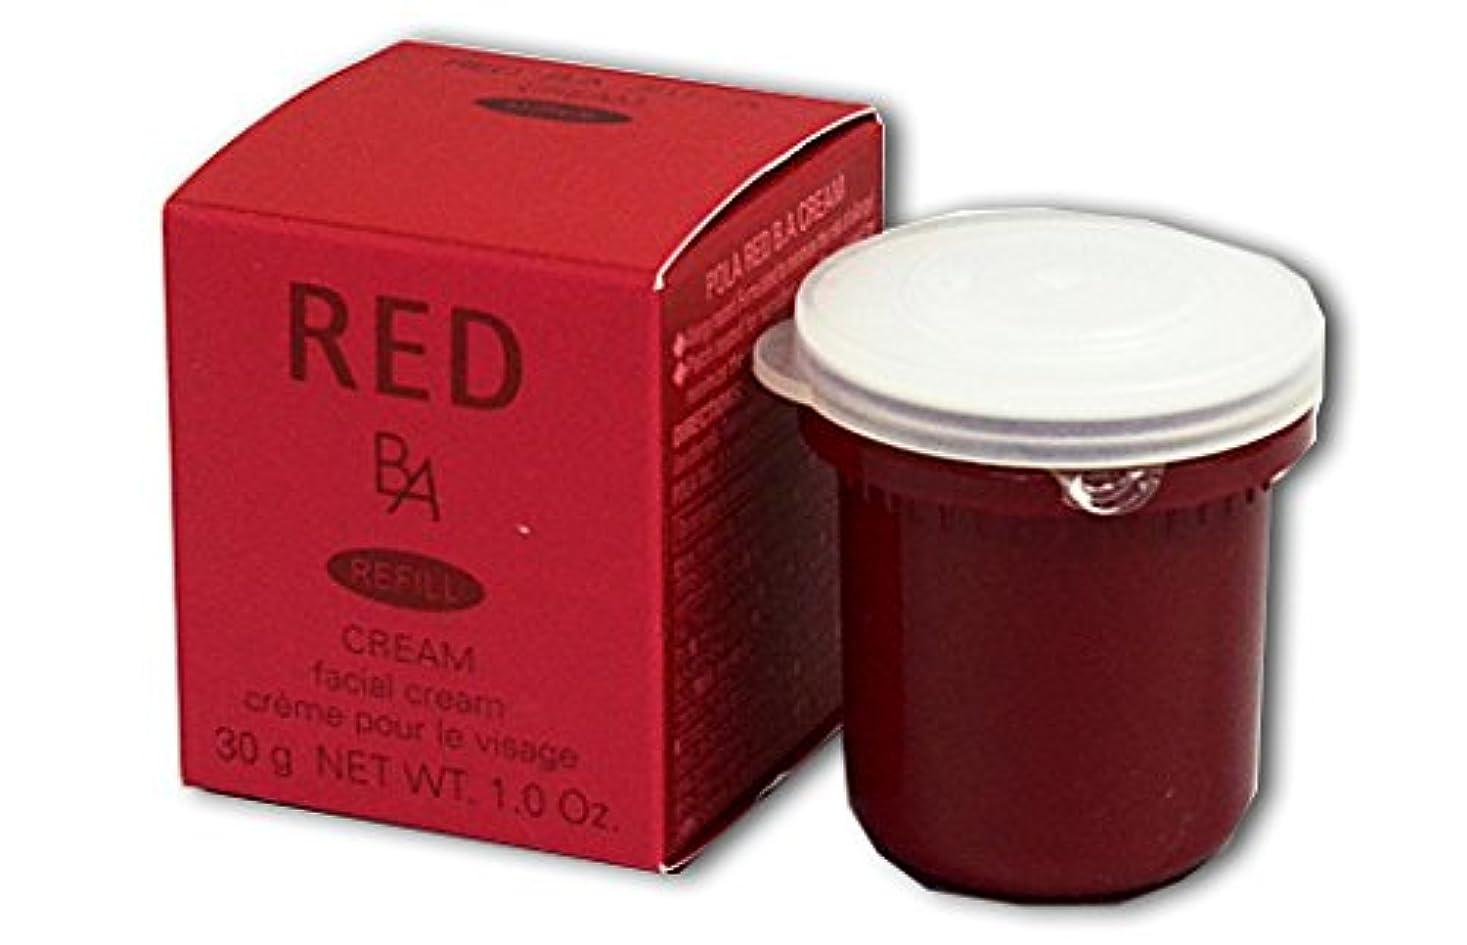 先生流星むしろPOLA / ポーラ RED B.A クリーム リフィル 30g